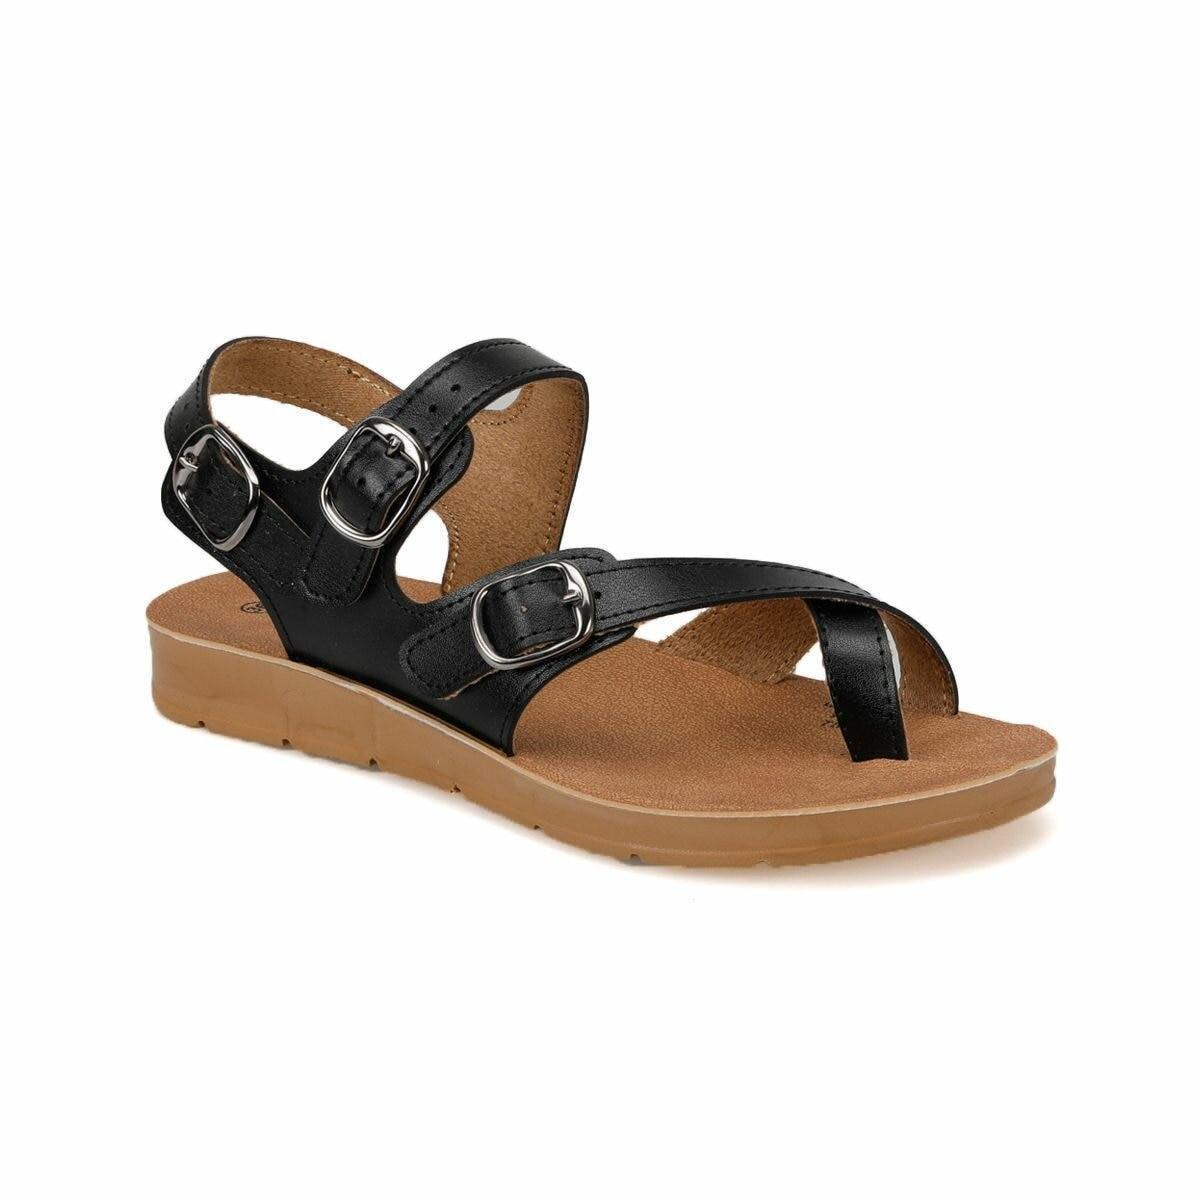 FLO 81.158657.Z Black Women 'S Classic Shoes Polaris